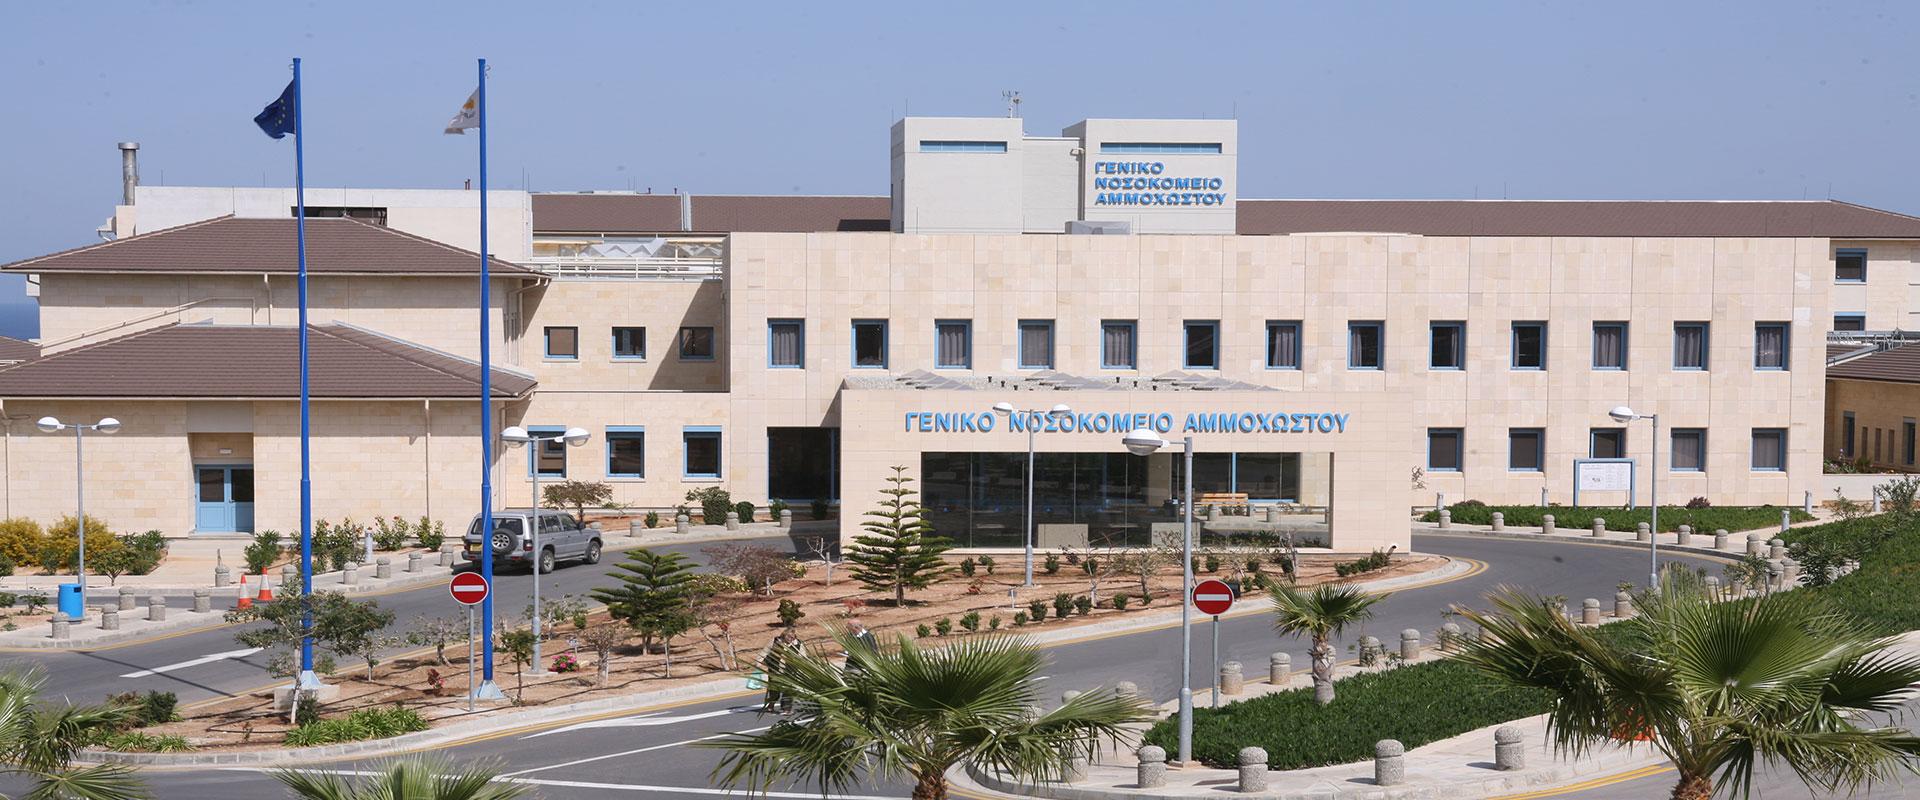 Γενικό Νοσοκομείο Αμμοχώστου